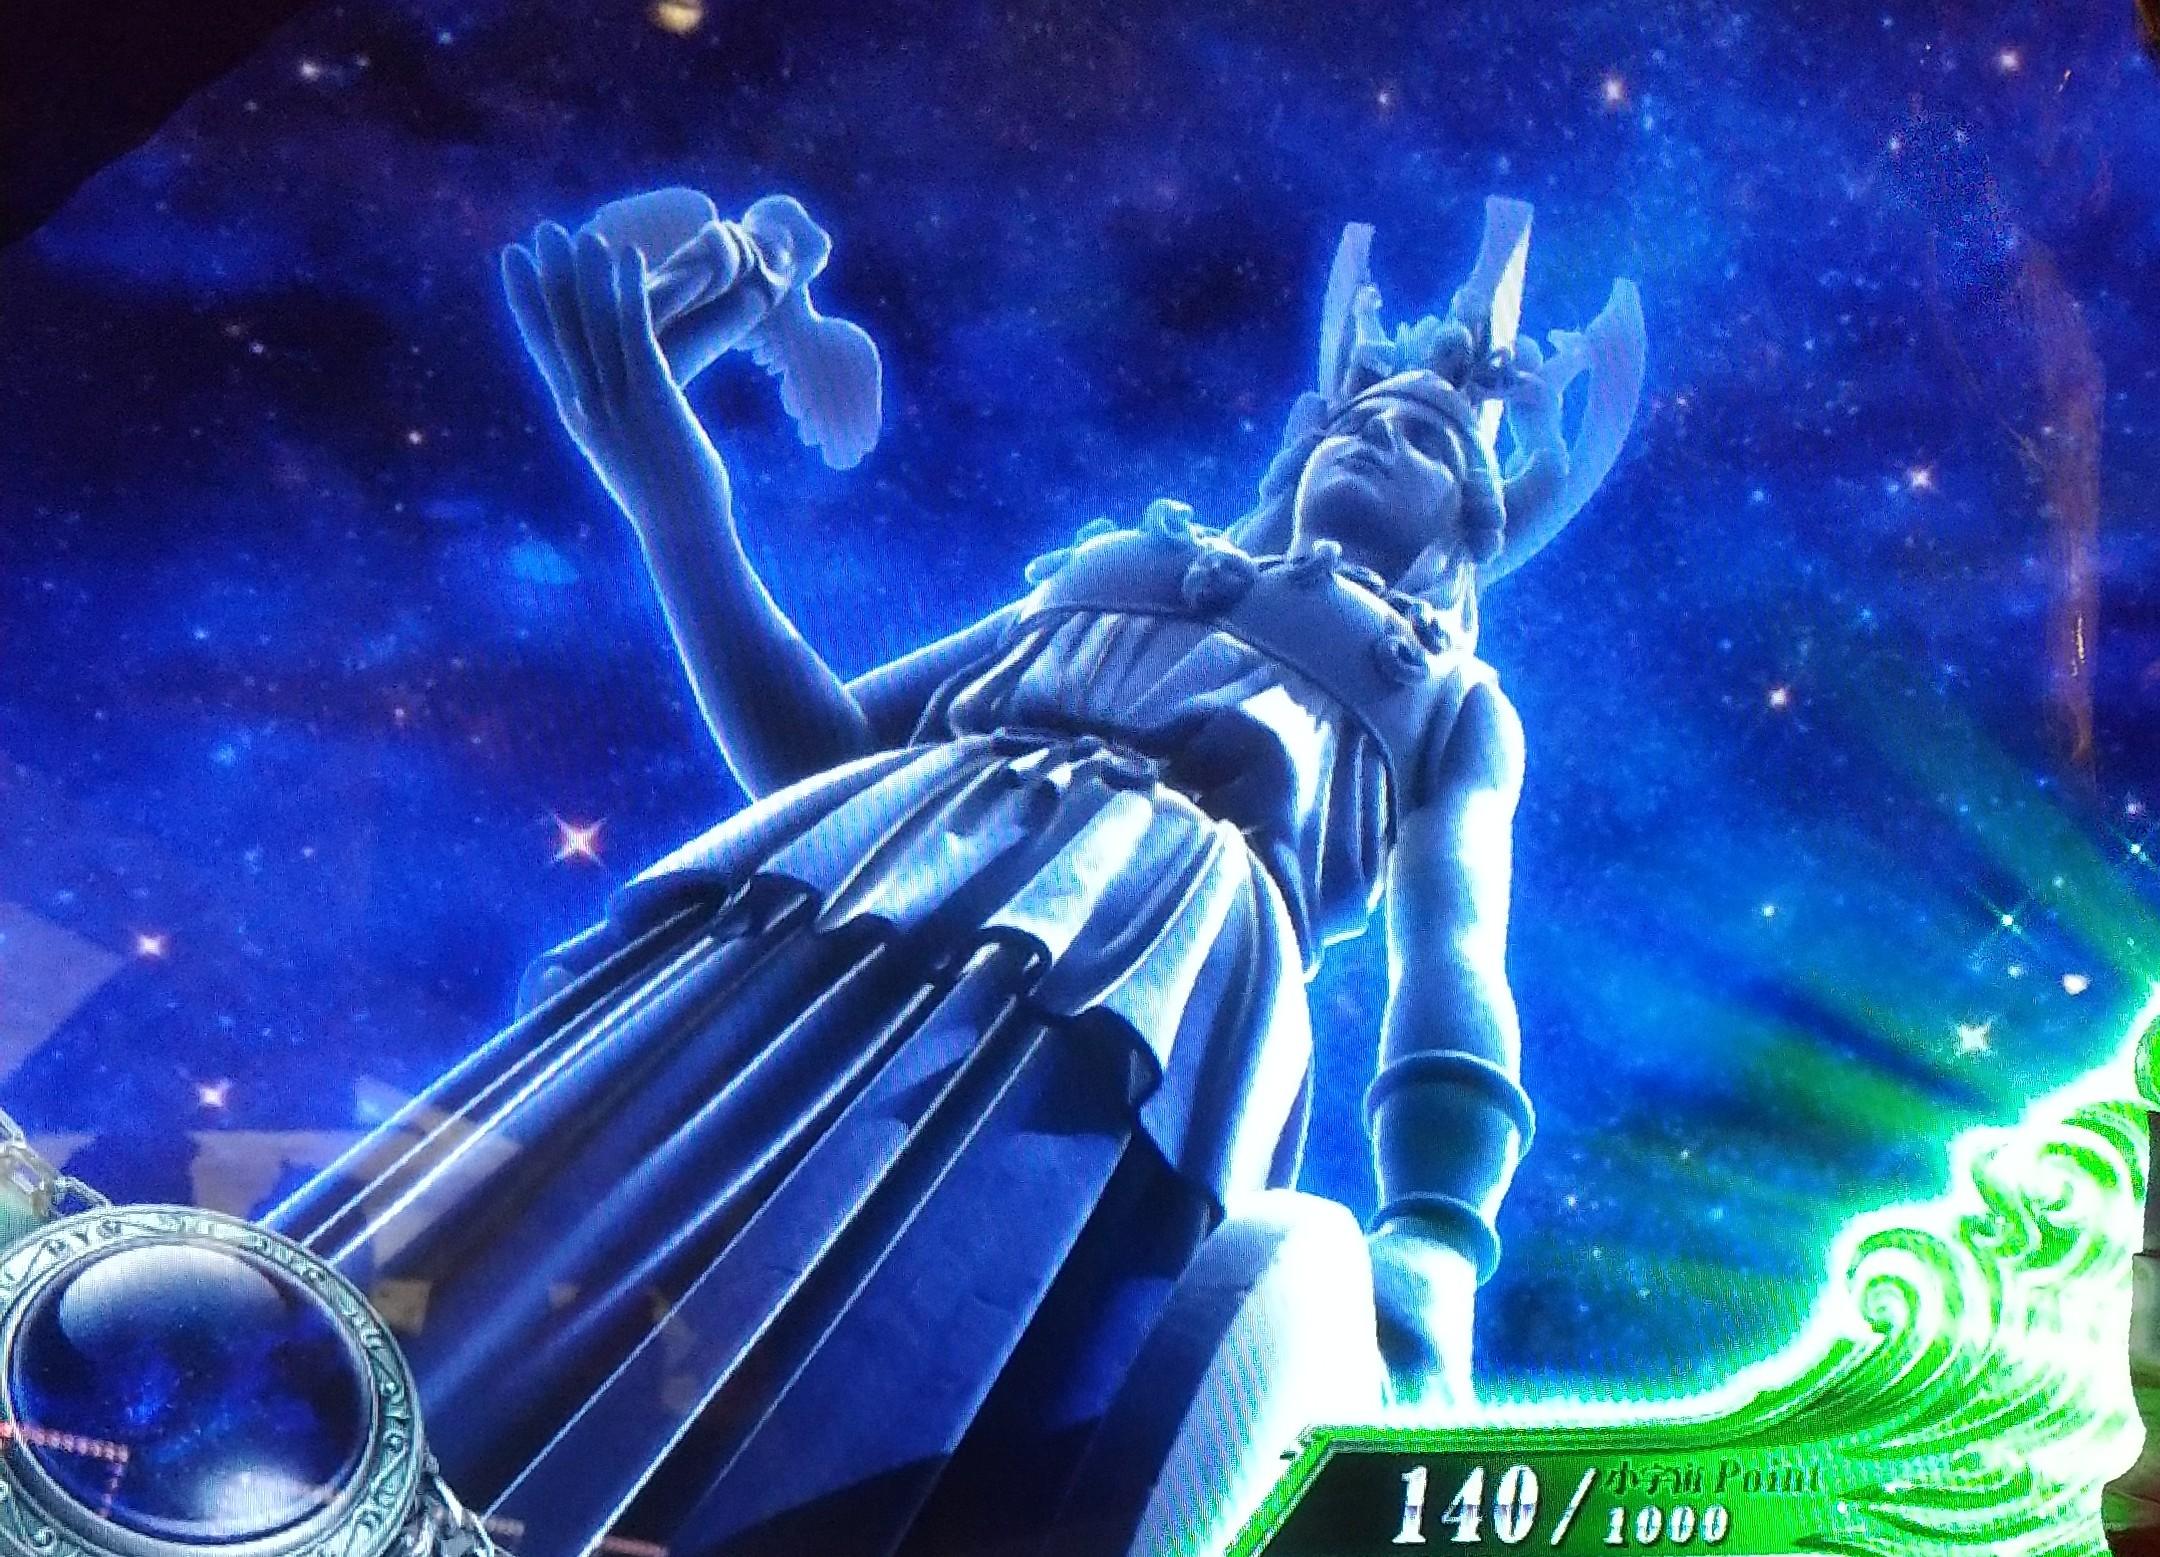 「聖闘士星矢海皇覚醒」奇数設定のSPモードは大量出玉に期待していいんだよな?